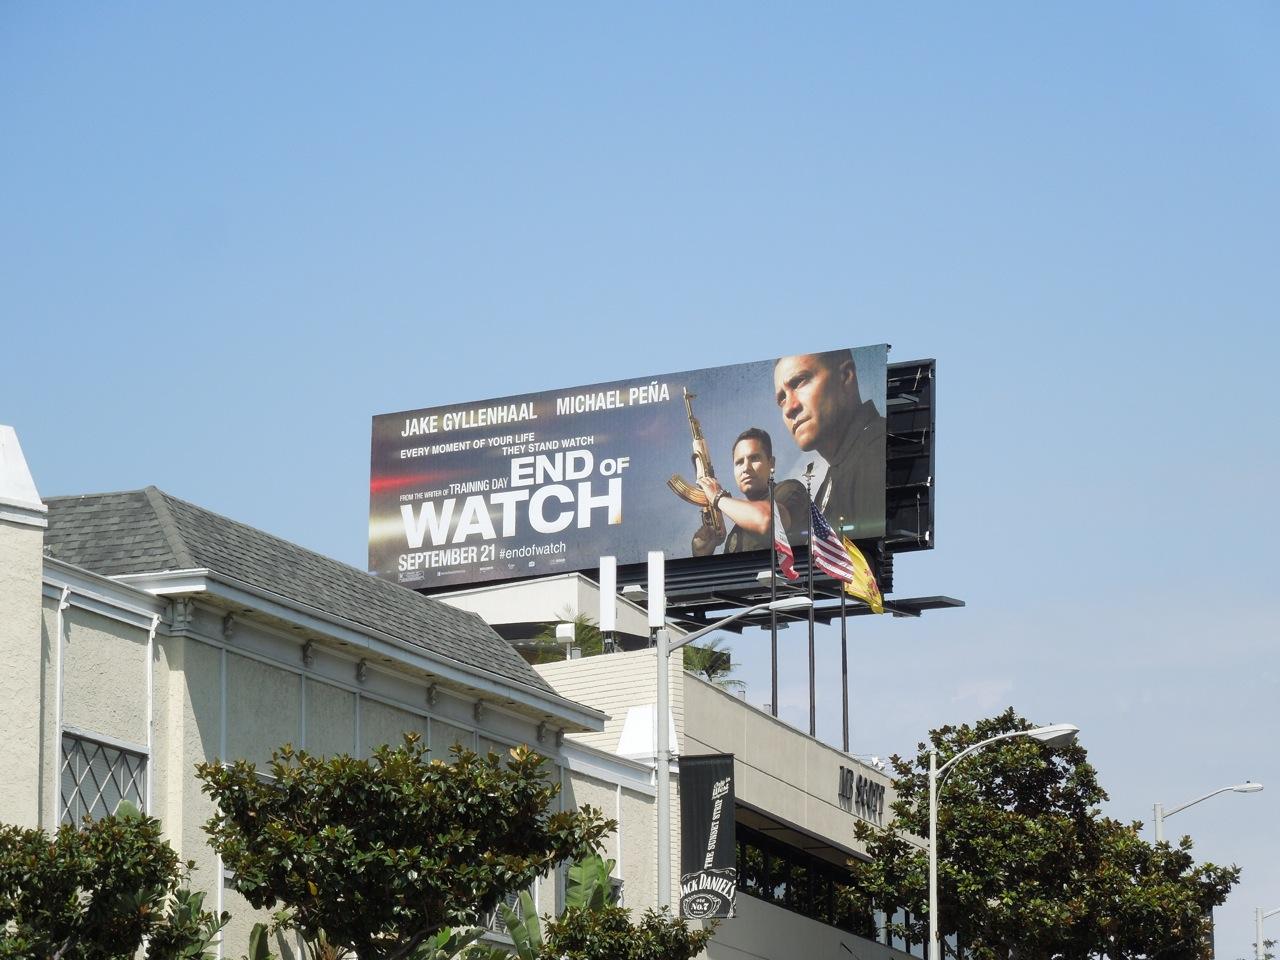 http://2.bp.blogspot.com/-gWTGG5OtbQ0/UEp9bFddgjI/AAAAAAAAzwQ/vXcTWHJdgmU/s1600/End+of+Watch+billboard.jpg